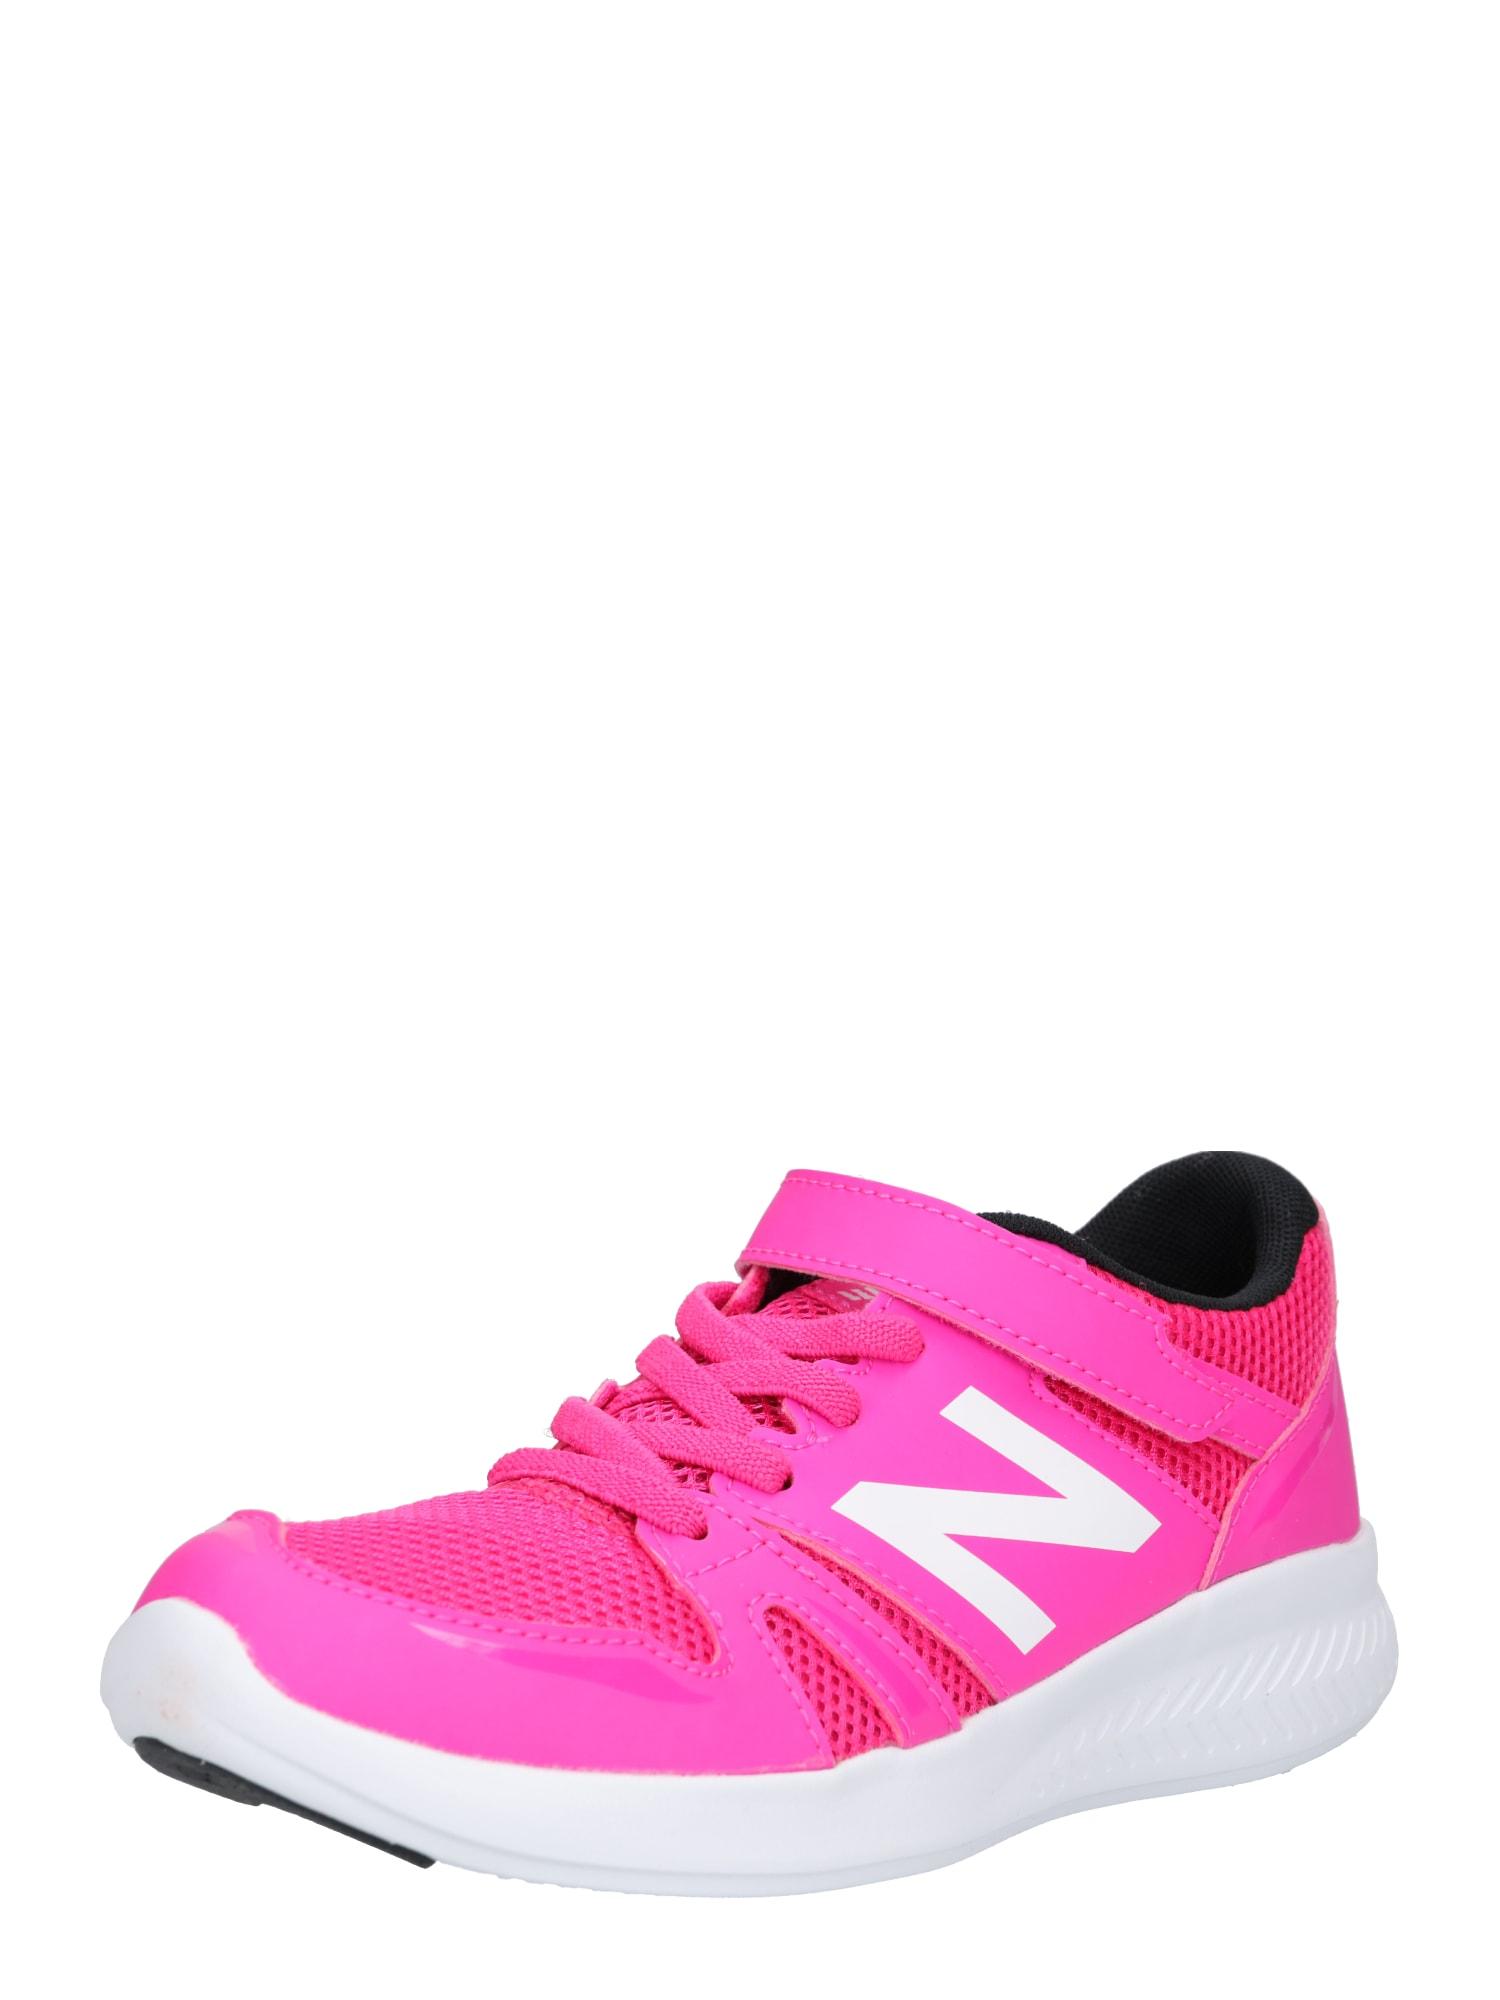 Sportovní boty YT570 M pink bílá New Balance